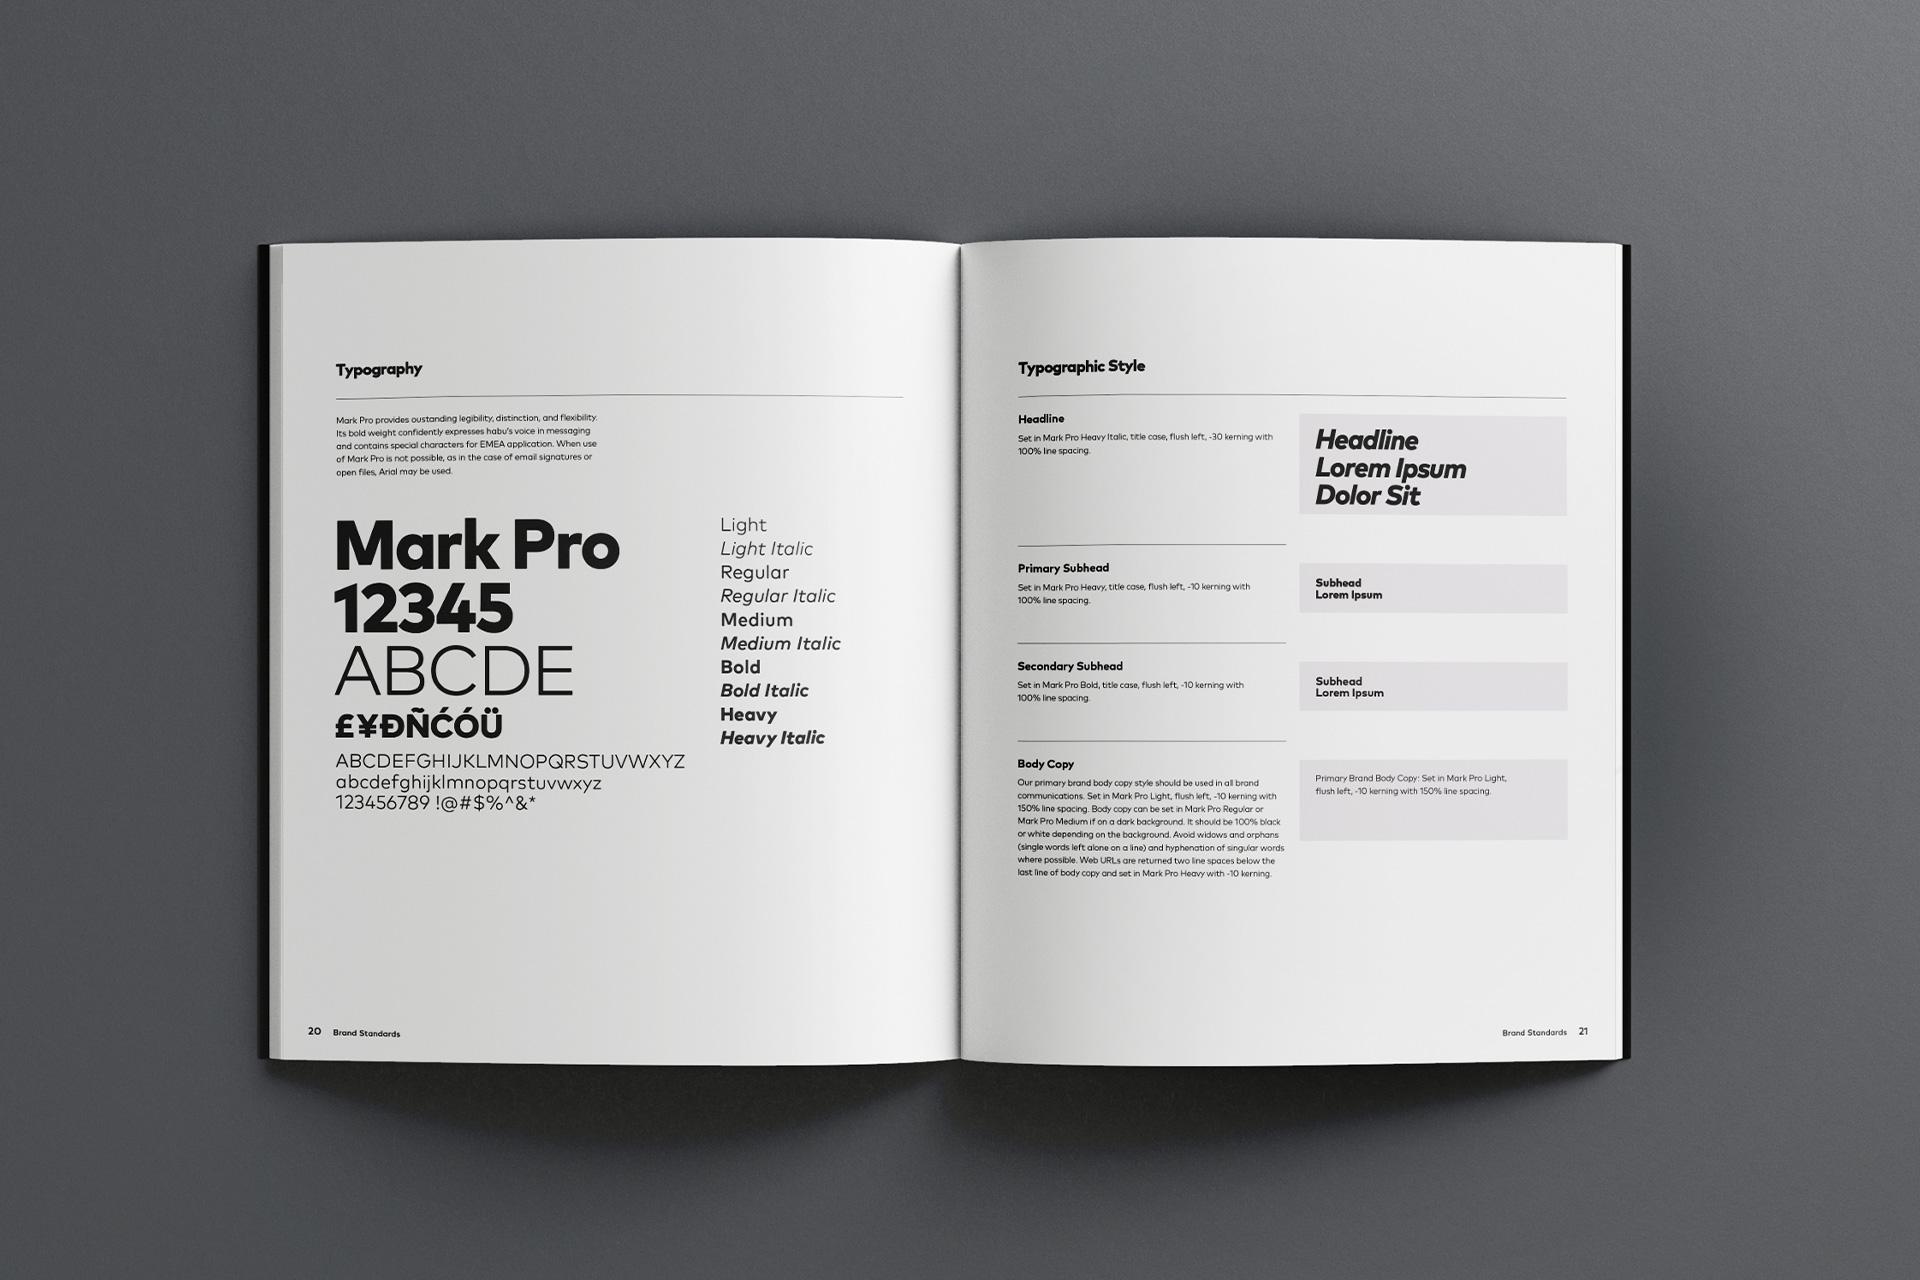 MikeSpencerDesign-HabuFitSystem-BrandStandardsTypography-1920×1280-1